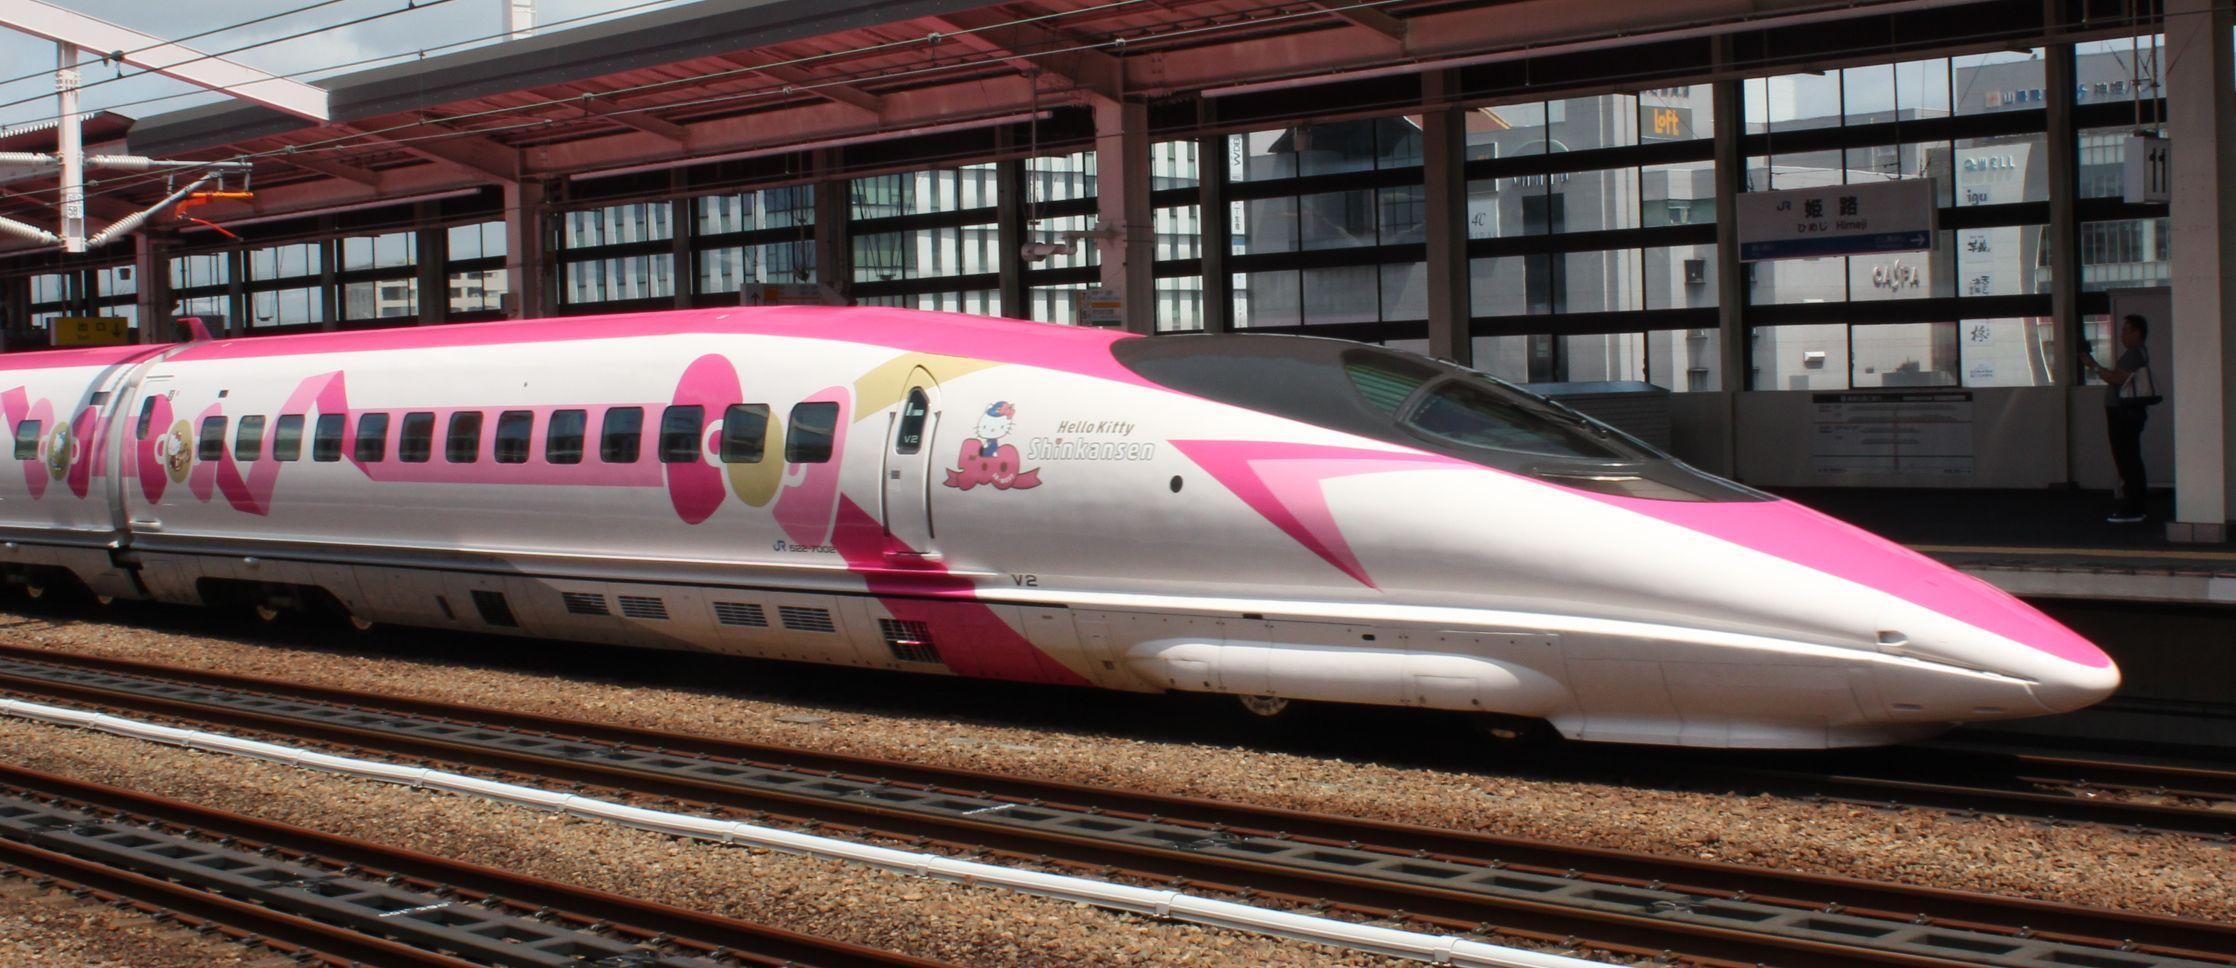 ファイル:JRW-500 V2 522-7002 HelloKitty Shinkansen in Himeji.jpg